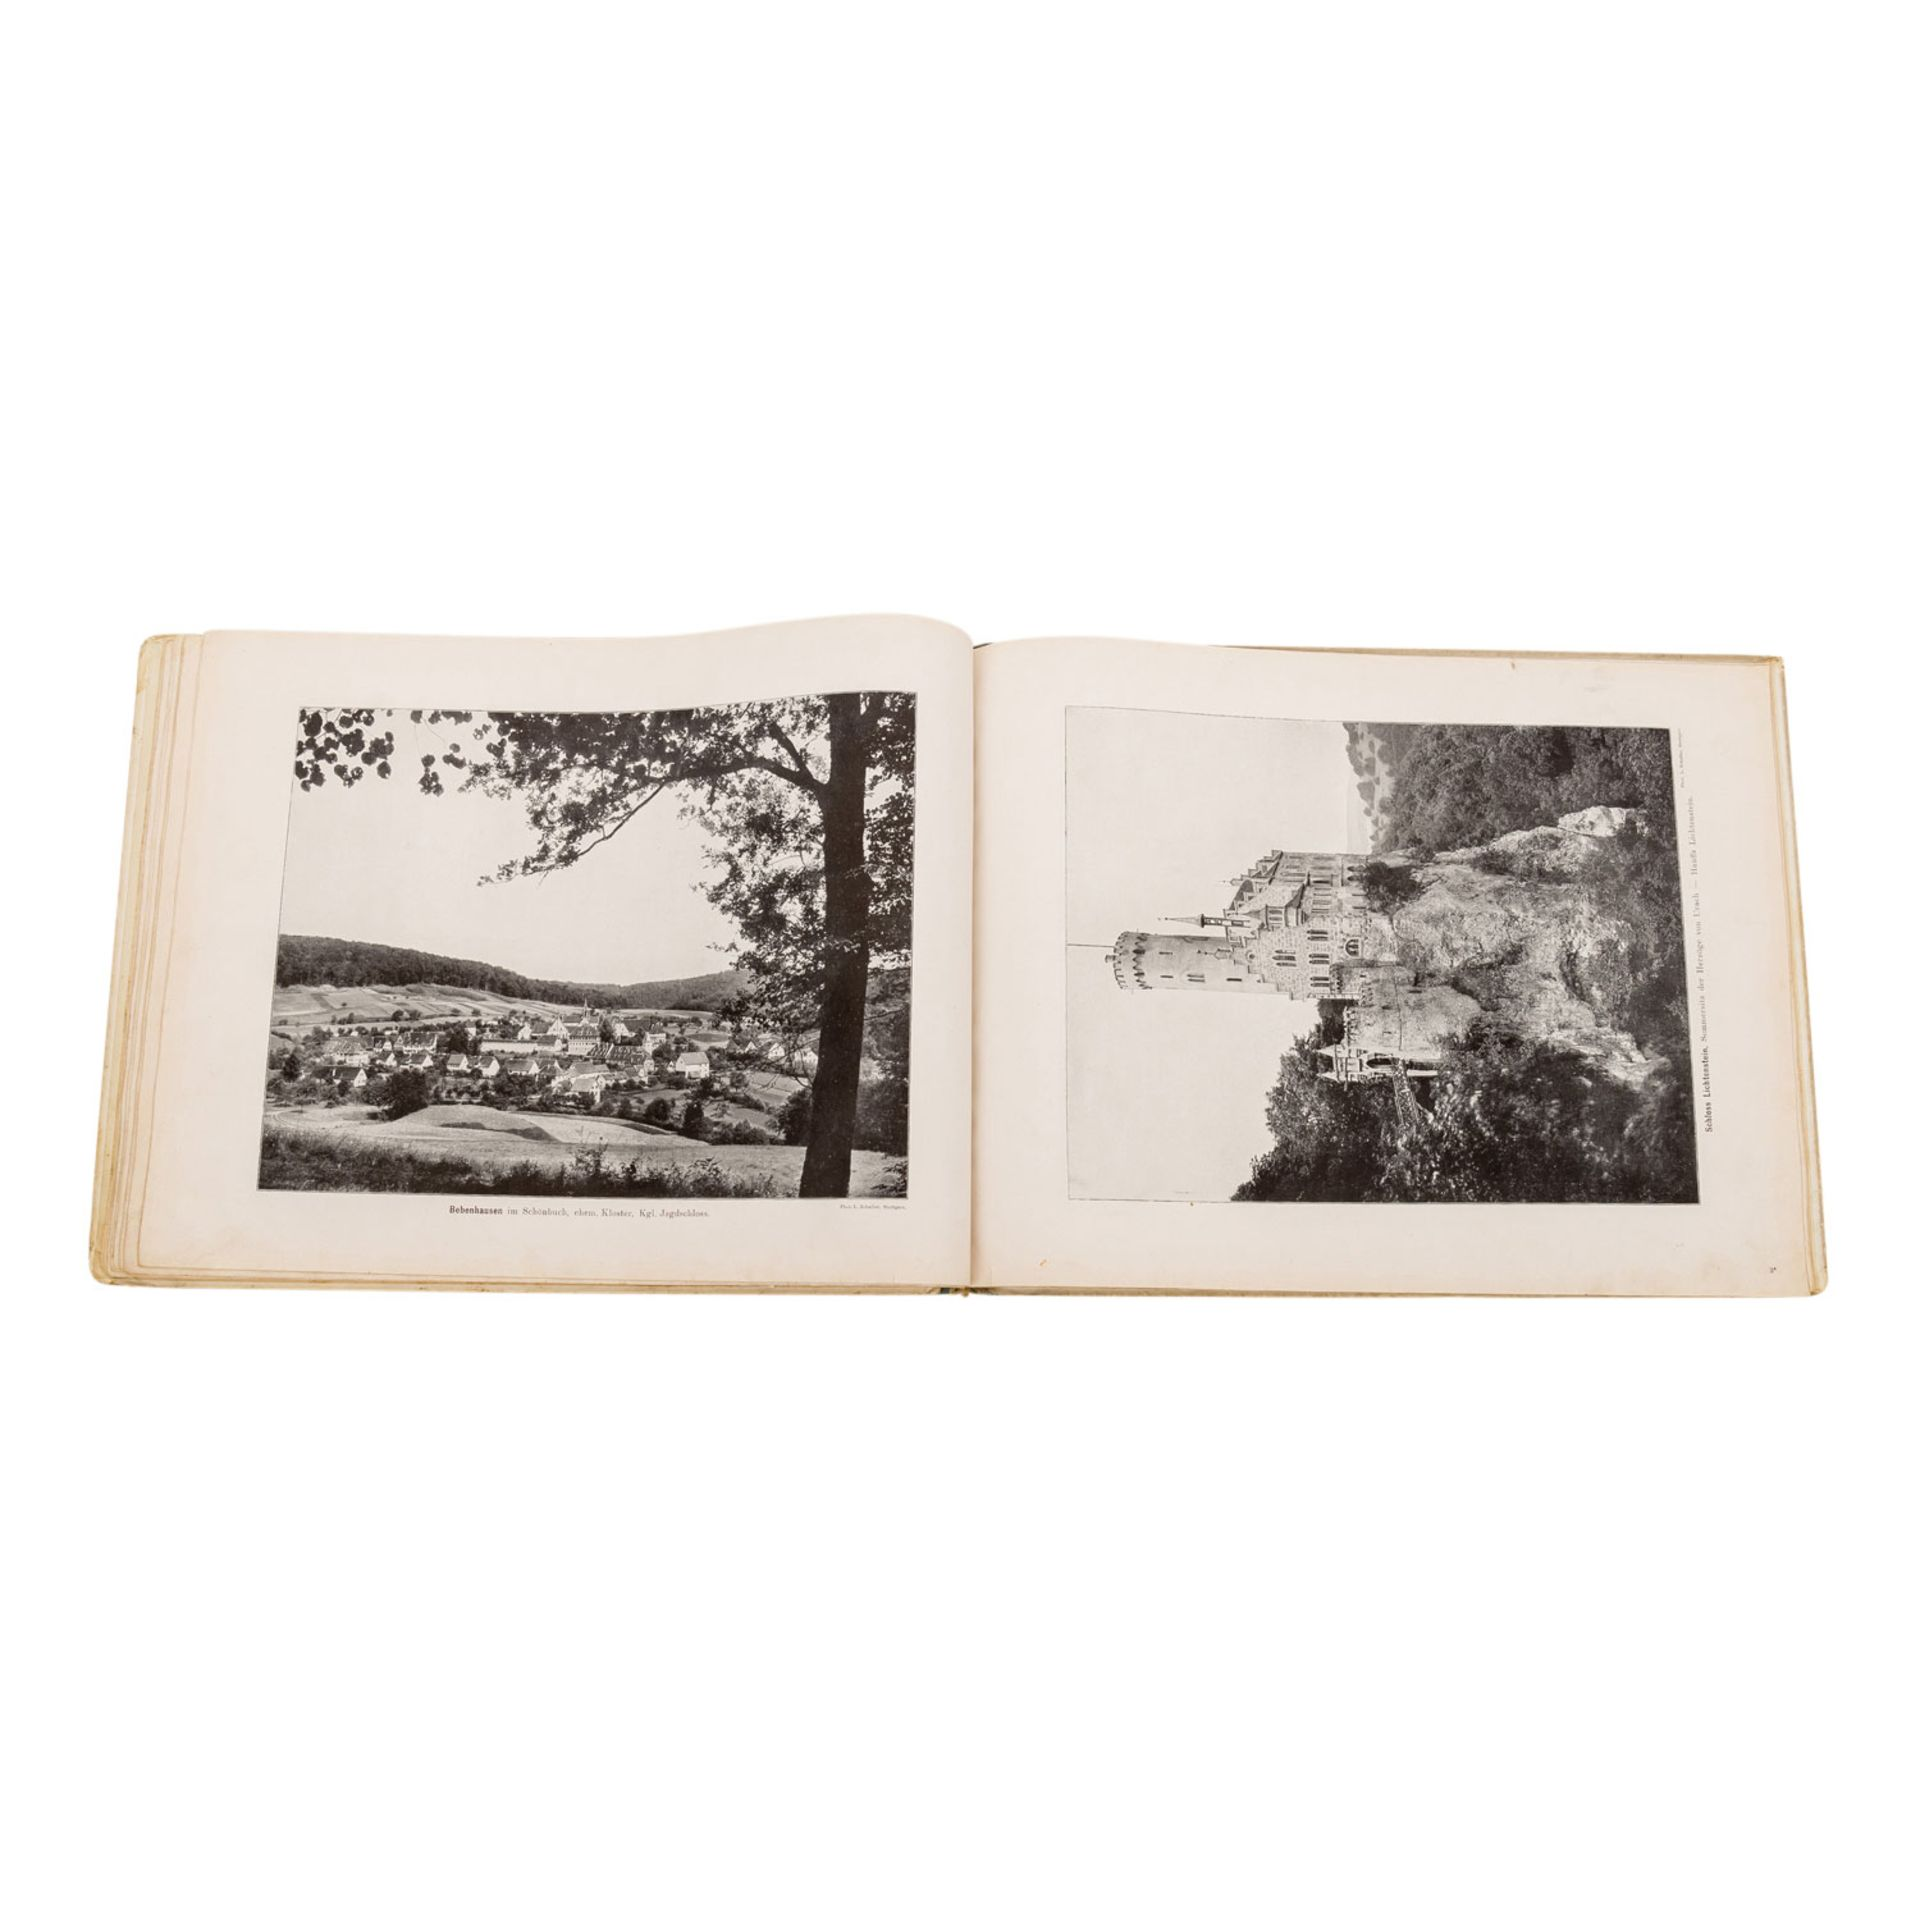 Bildband - Seltene Breuninger Ausgabe - Bild 3 aus 4